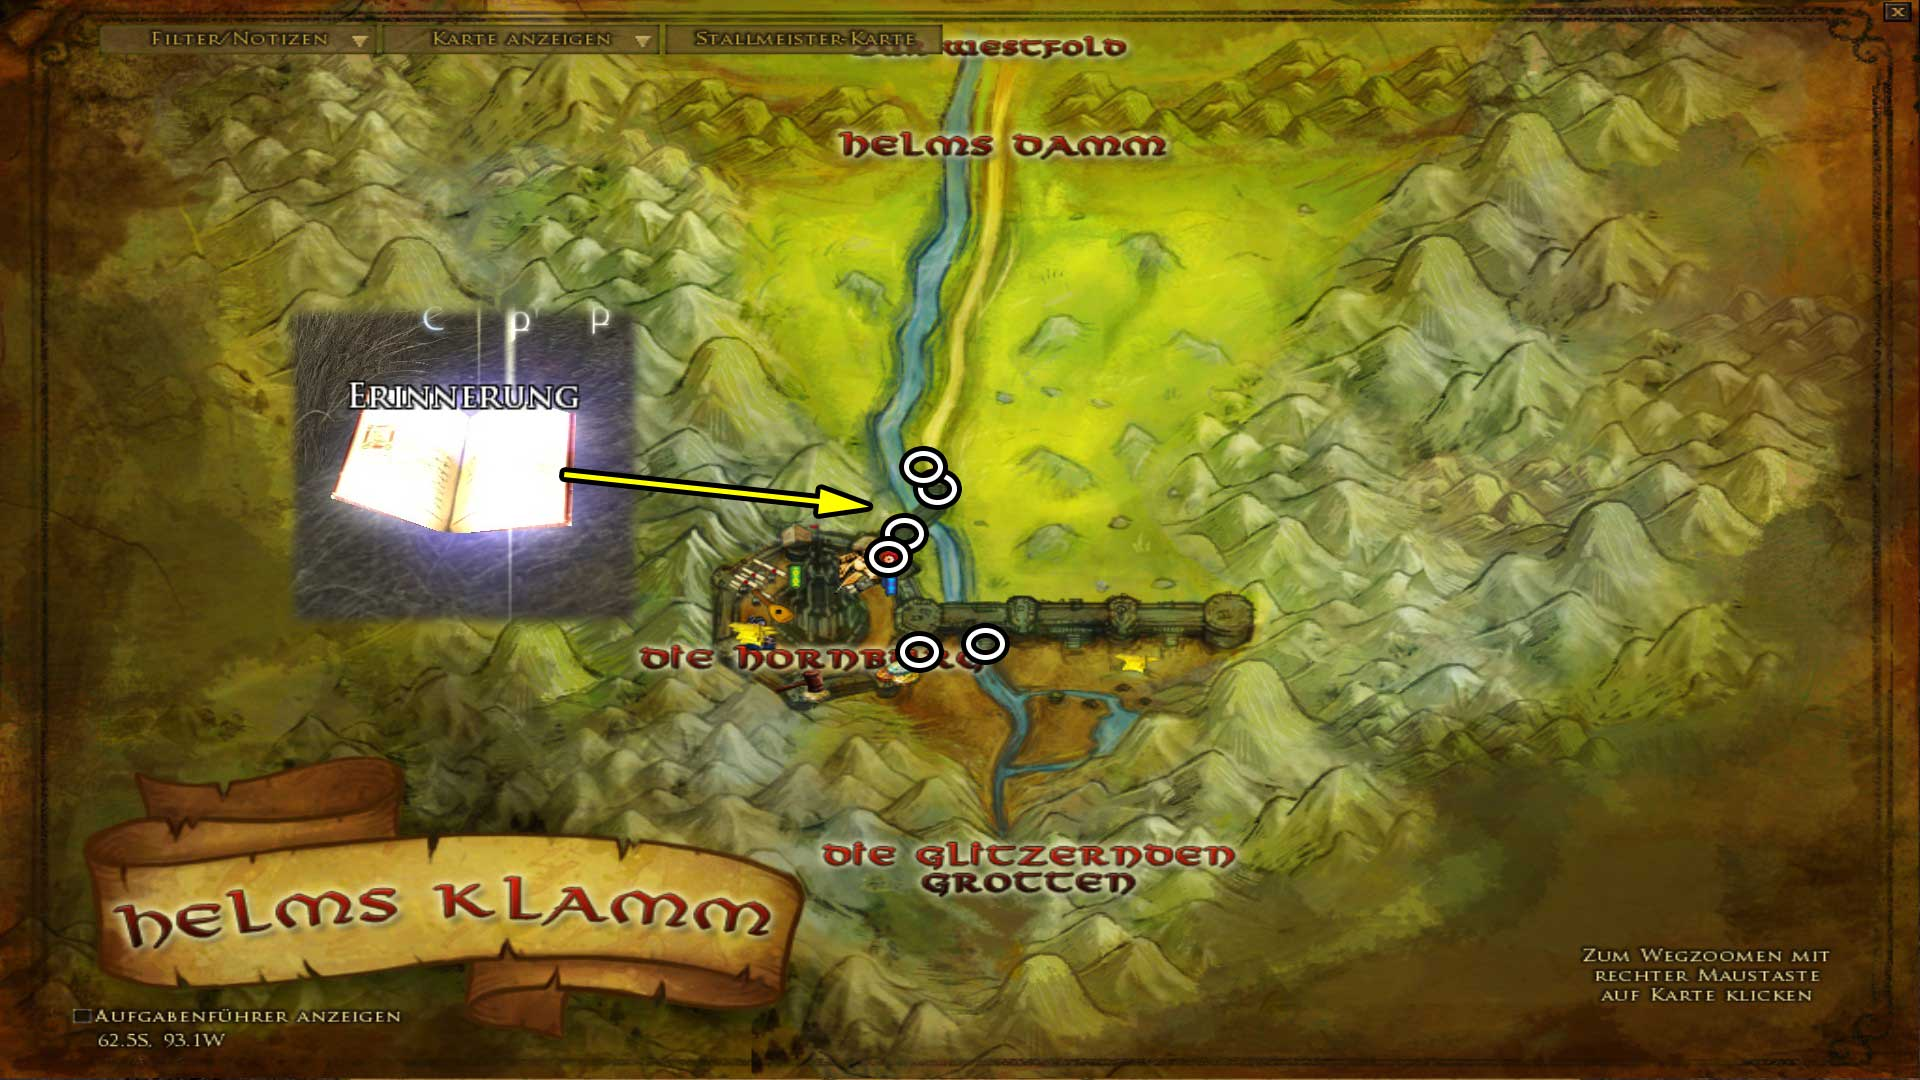 Erinnerungen in Helms Klamm (Karte anklicken zum vergrößern)